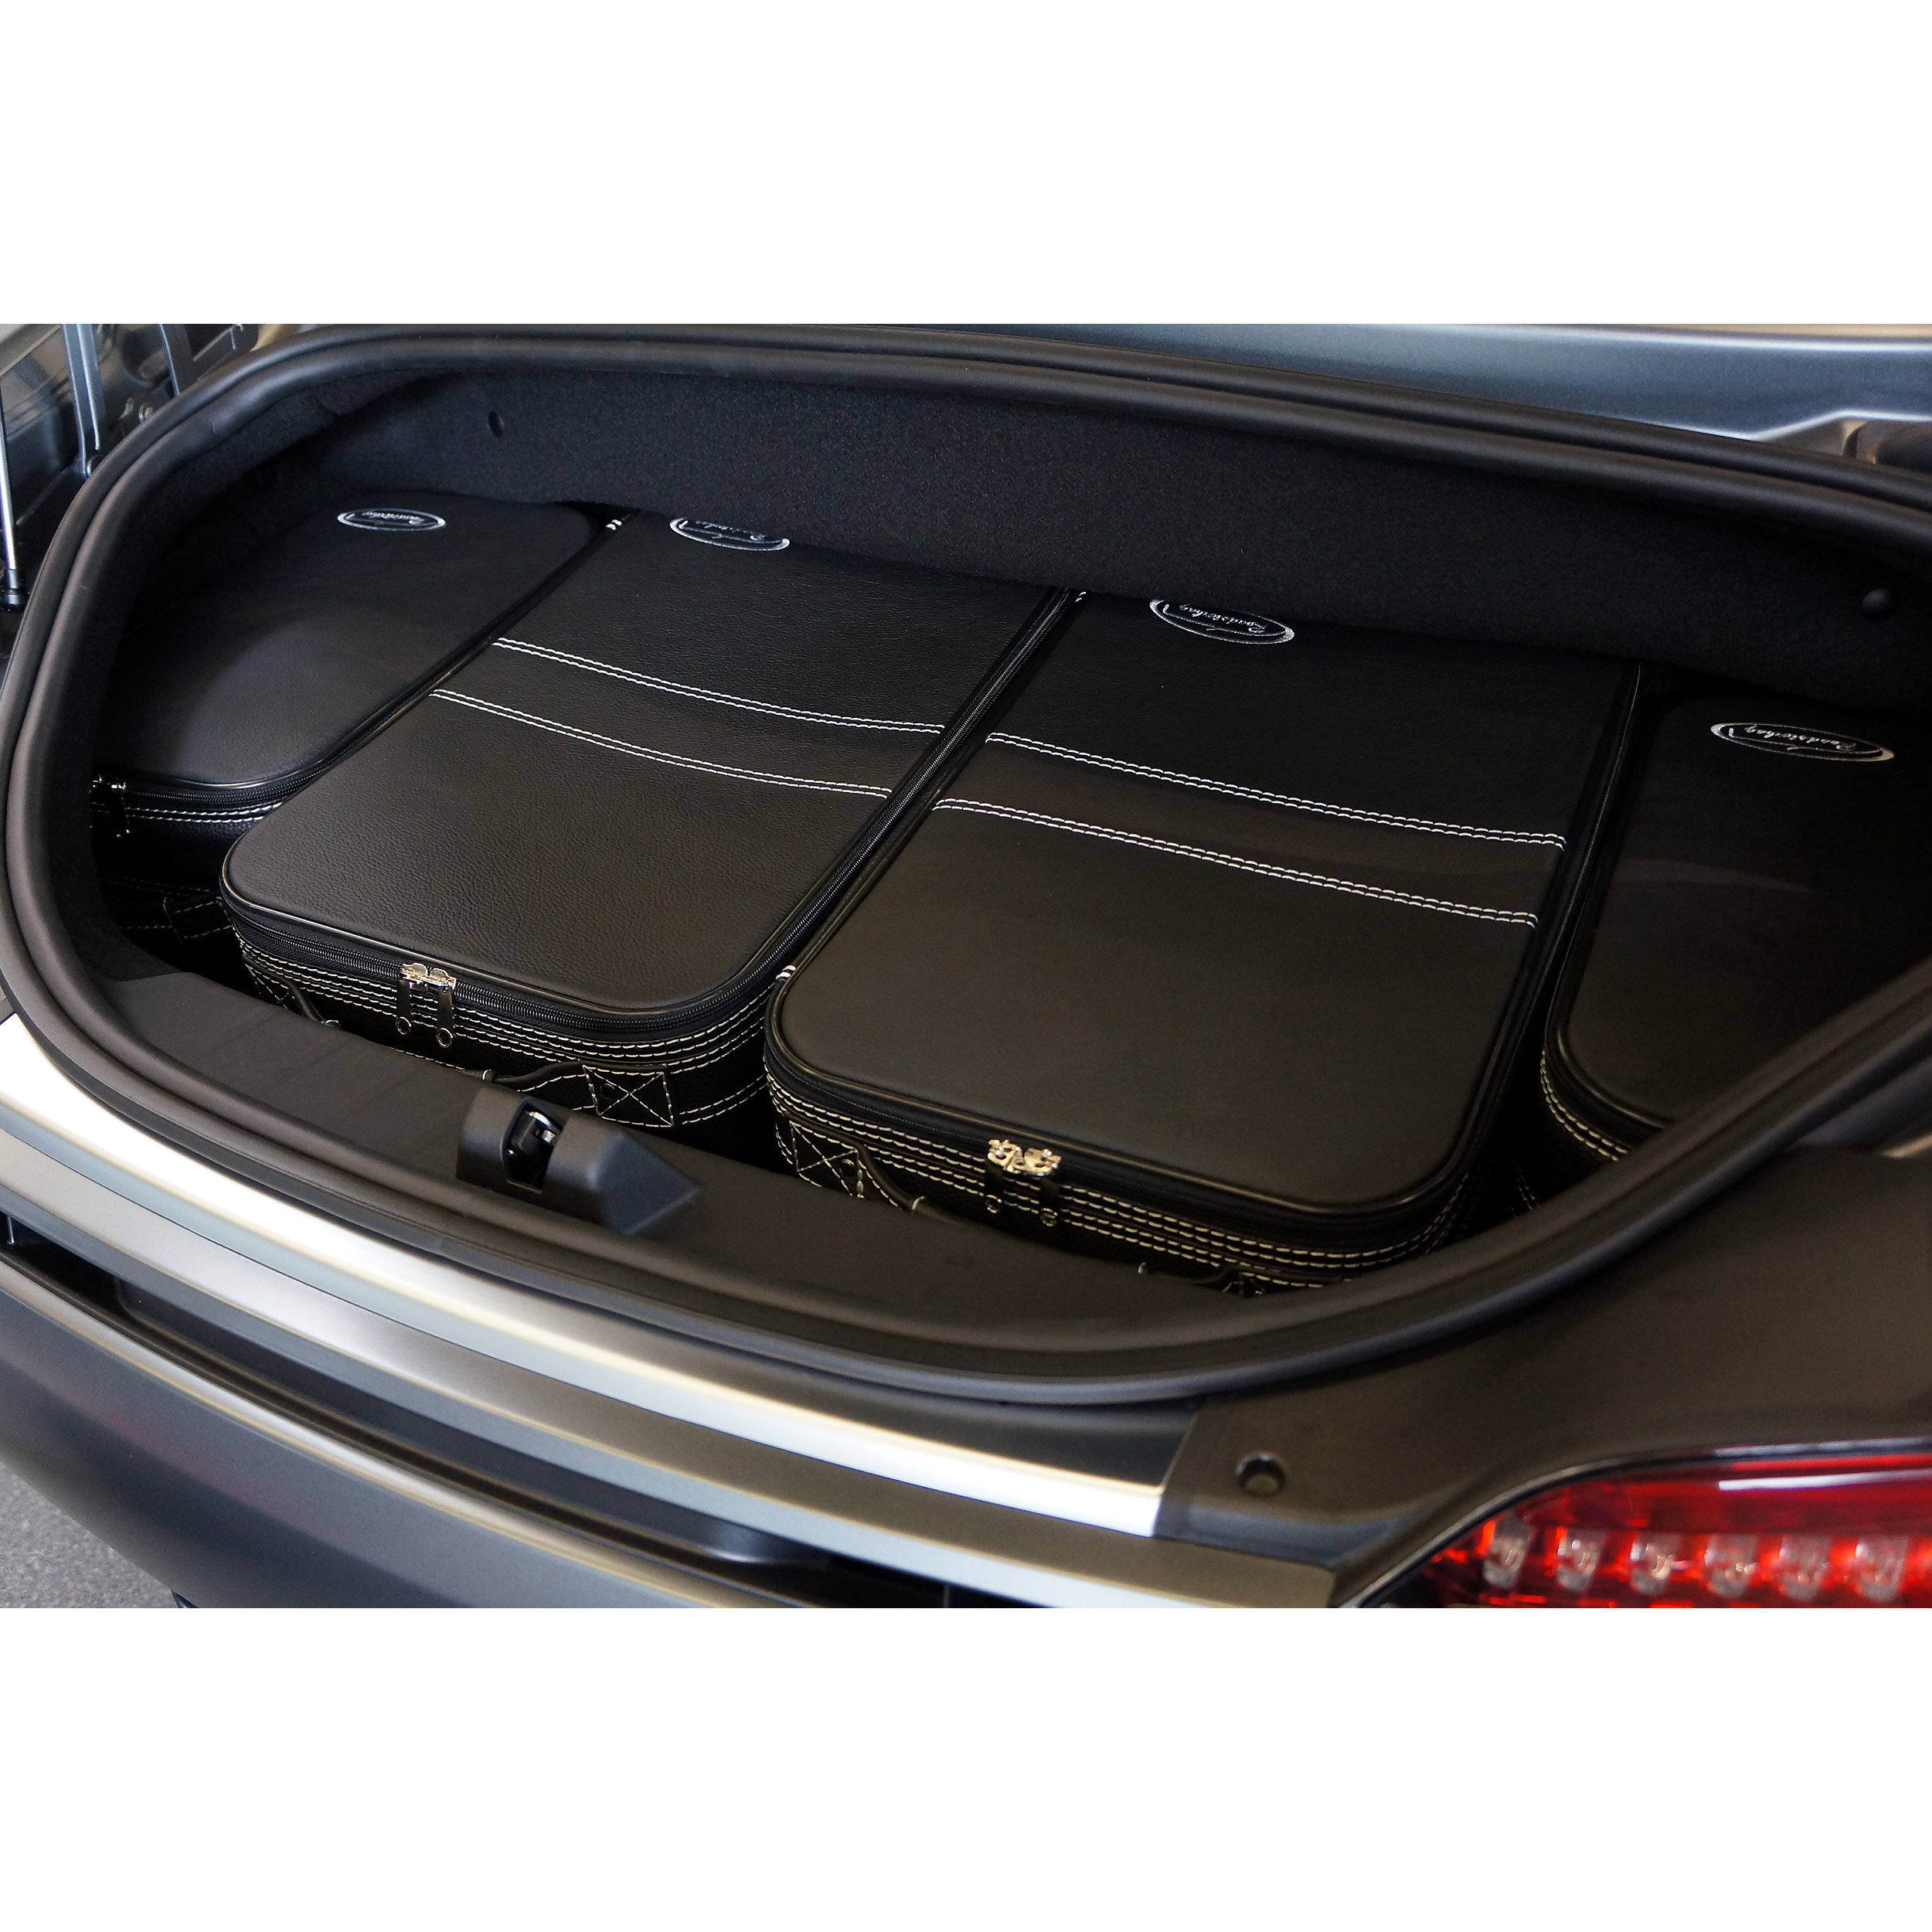 6-tlg. Kofferset mit 2 Rollen Mercedes AMG GT Roadster XXL 99 Liter